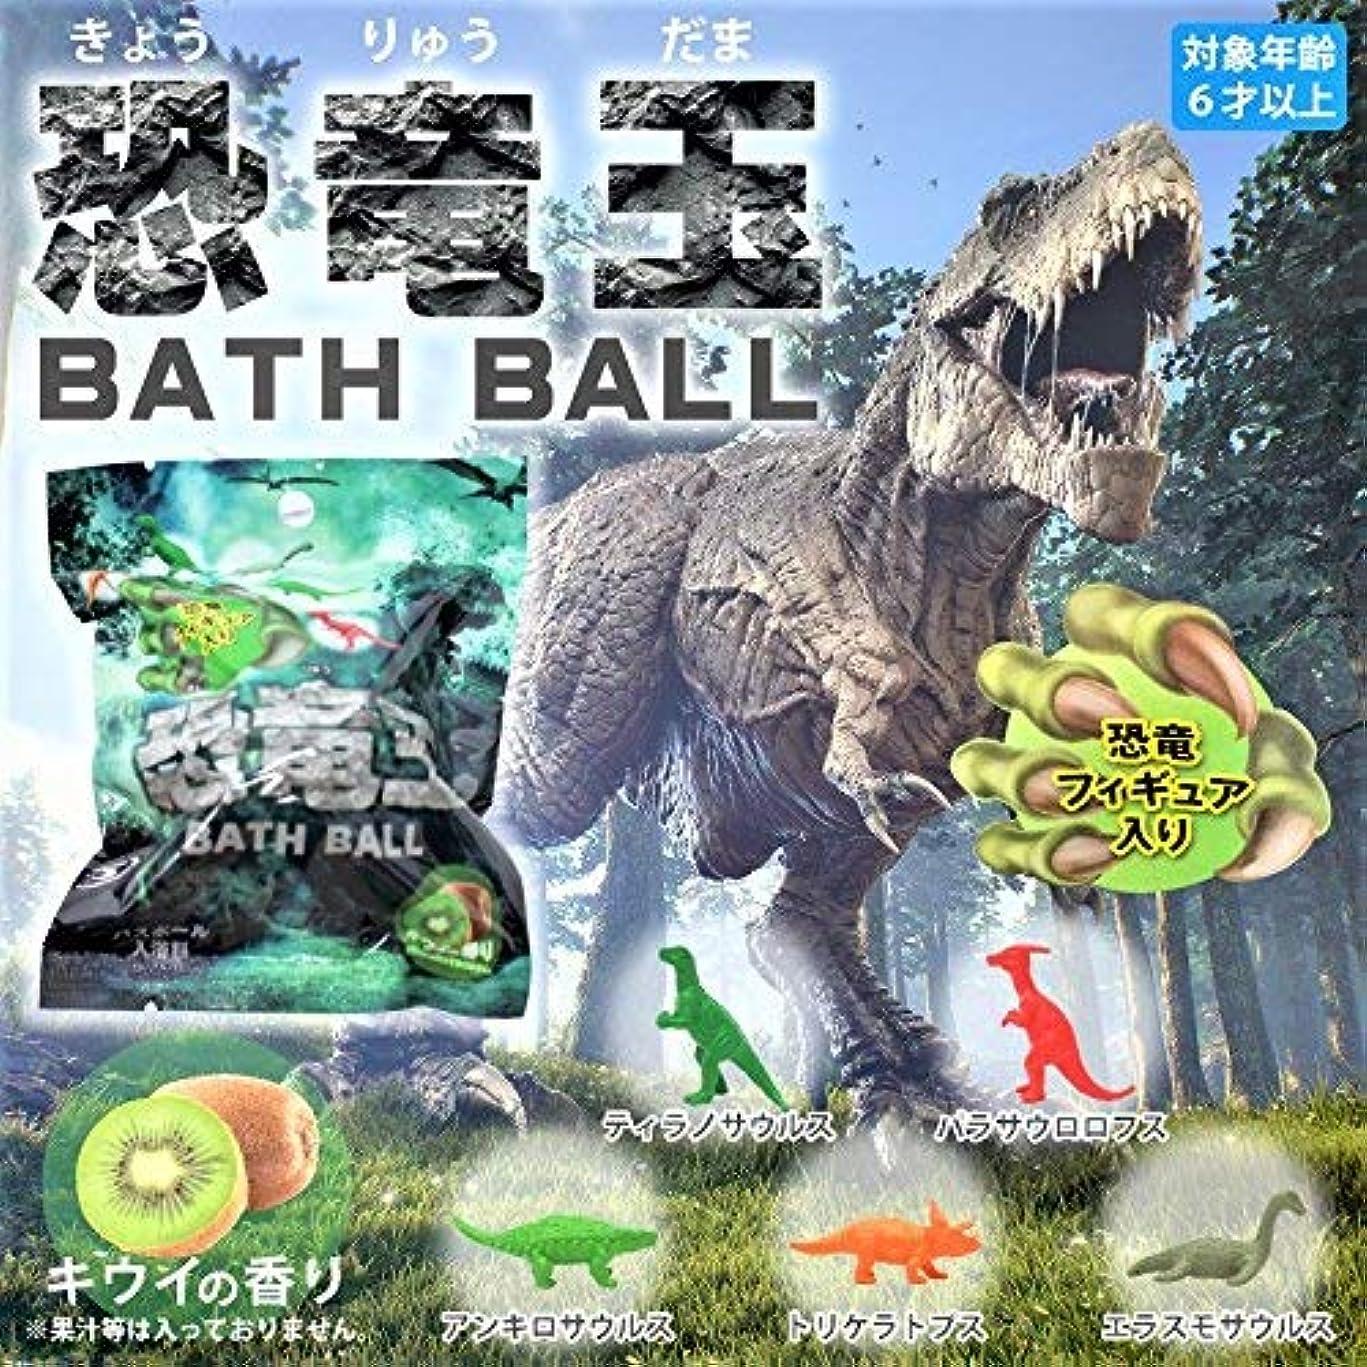 アマゾンジャングル木上恐竜玉バスボール 24個1セット キウイの香り 恐竜フィギュア入りバスボール 入浴剤